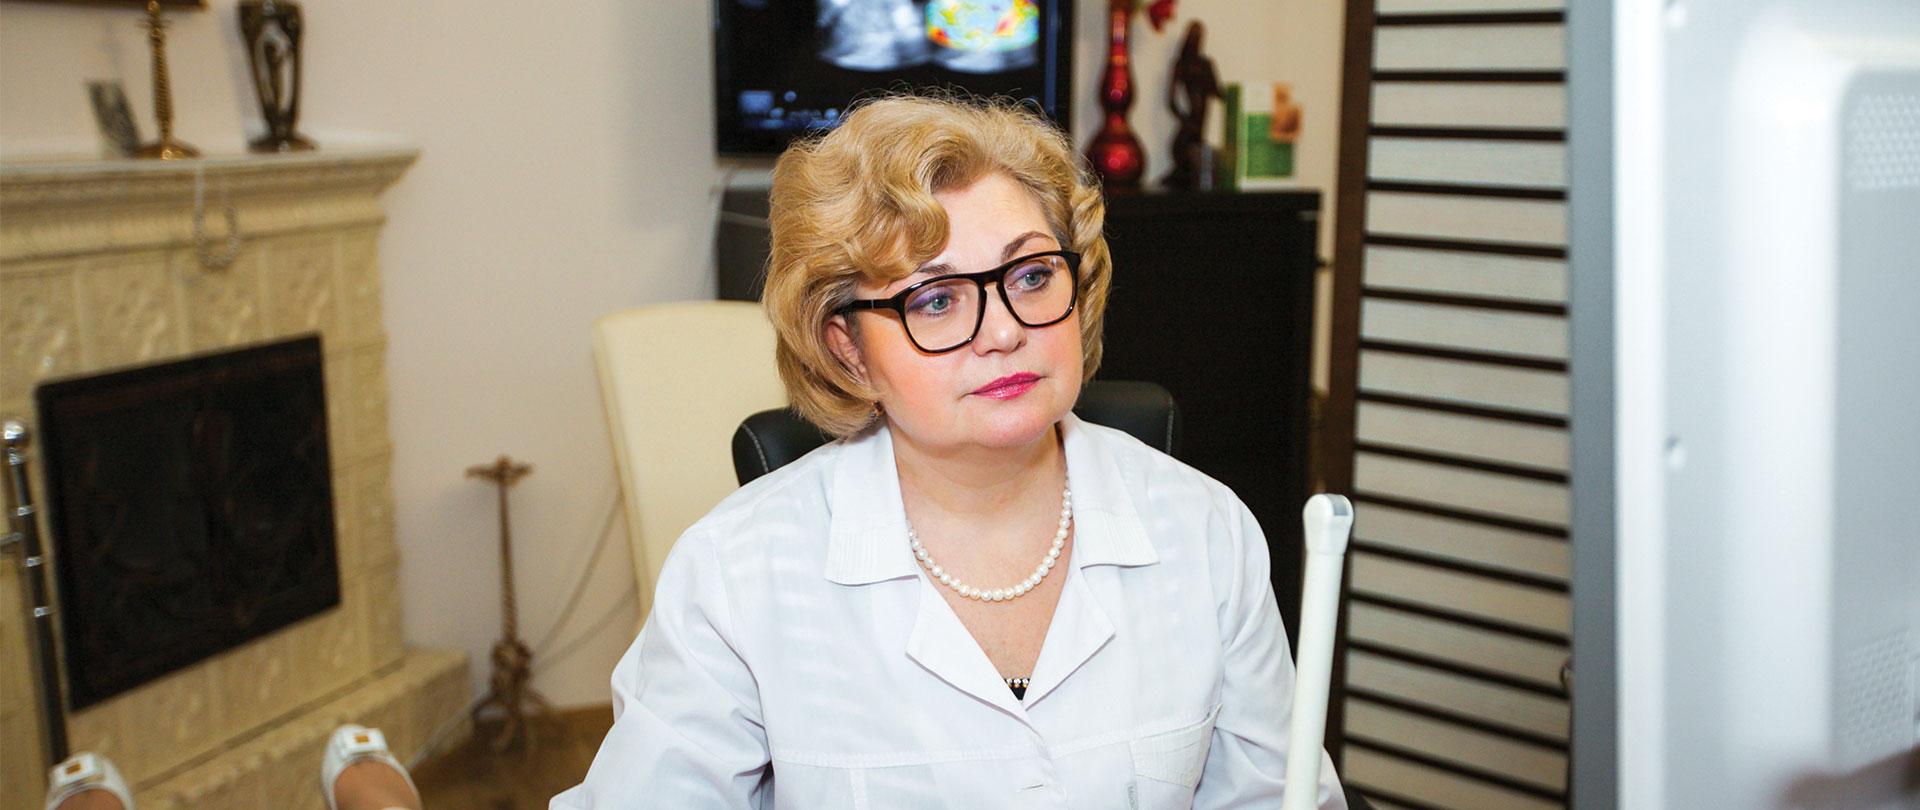 Кабінет ультразвукової діагностики Галини Дубець